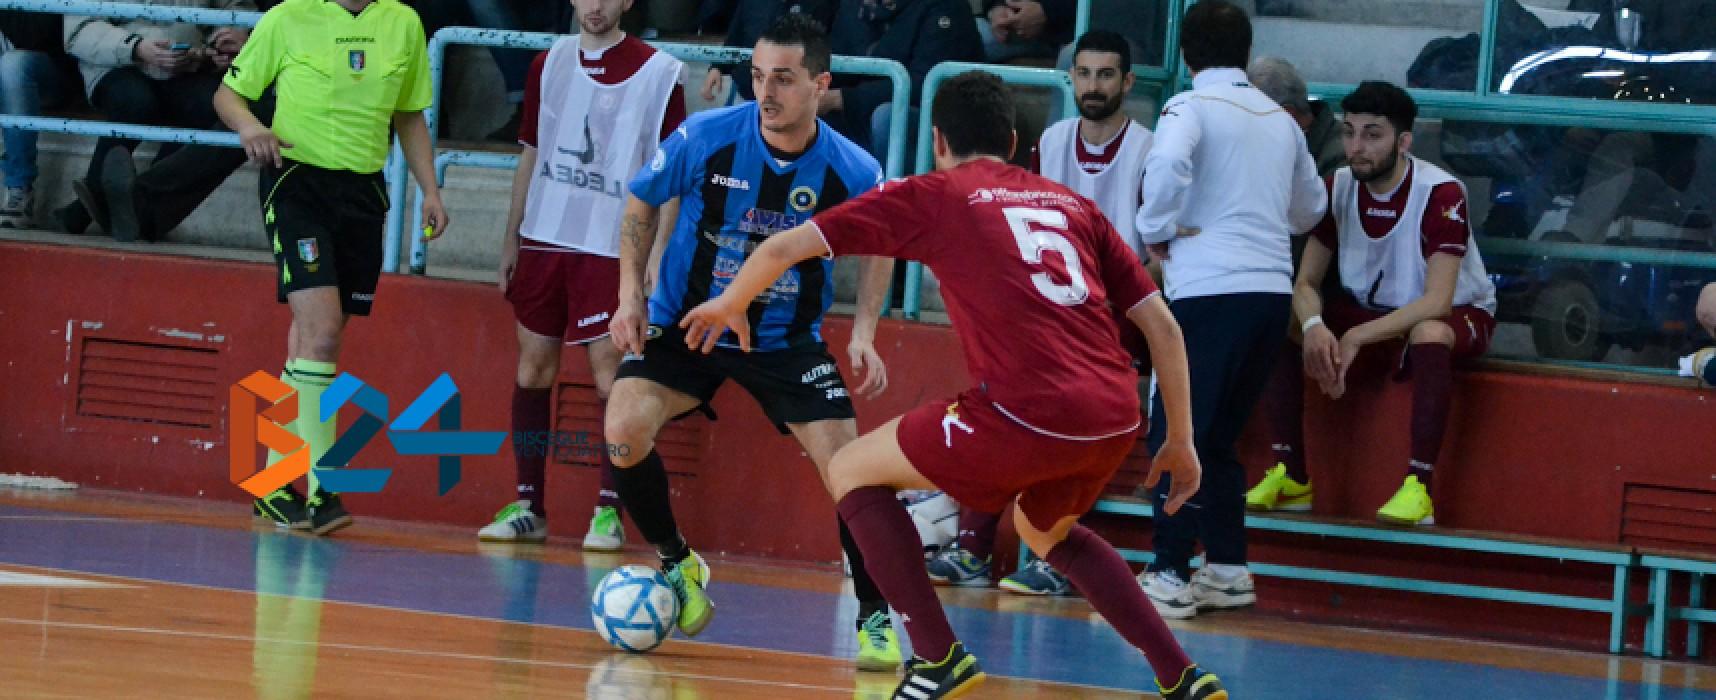 Futsal Bisceglie, la promozione in A2 si avvicina sempre più